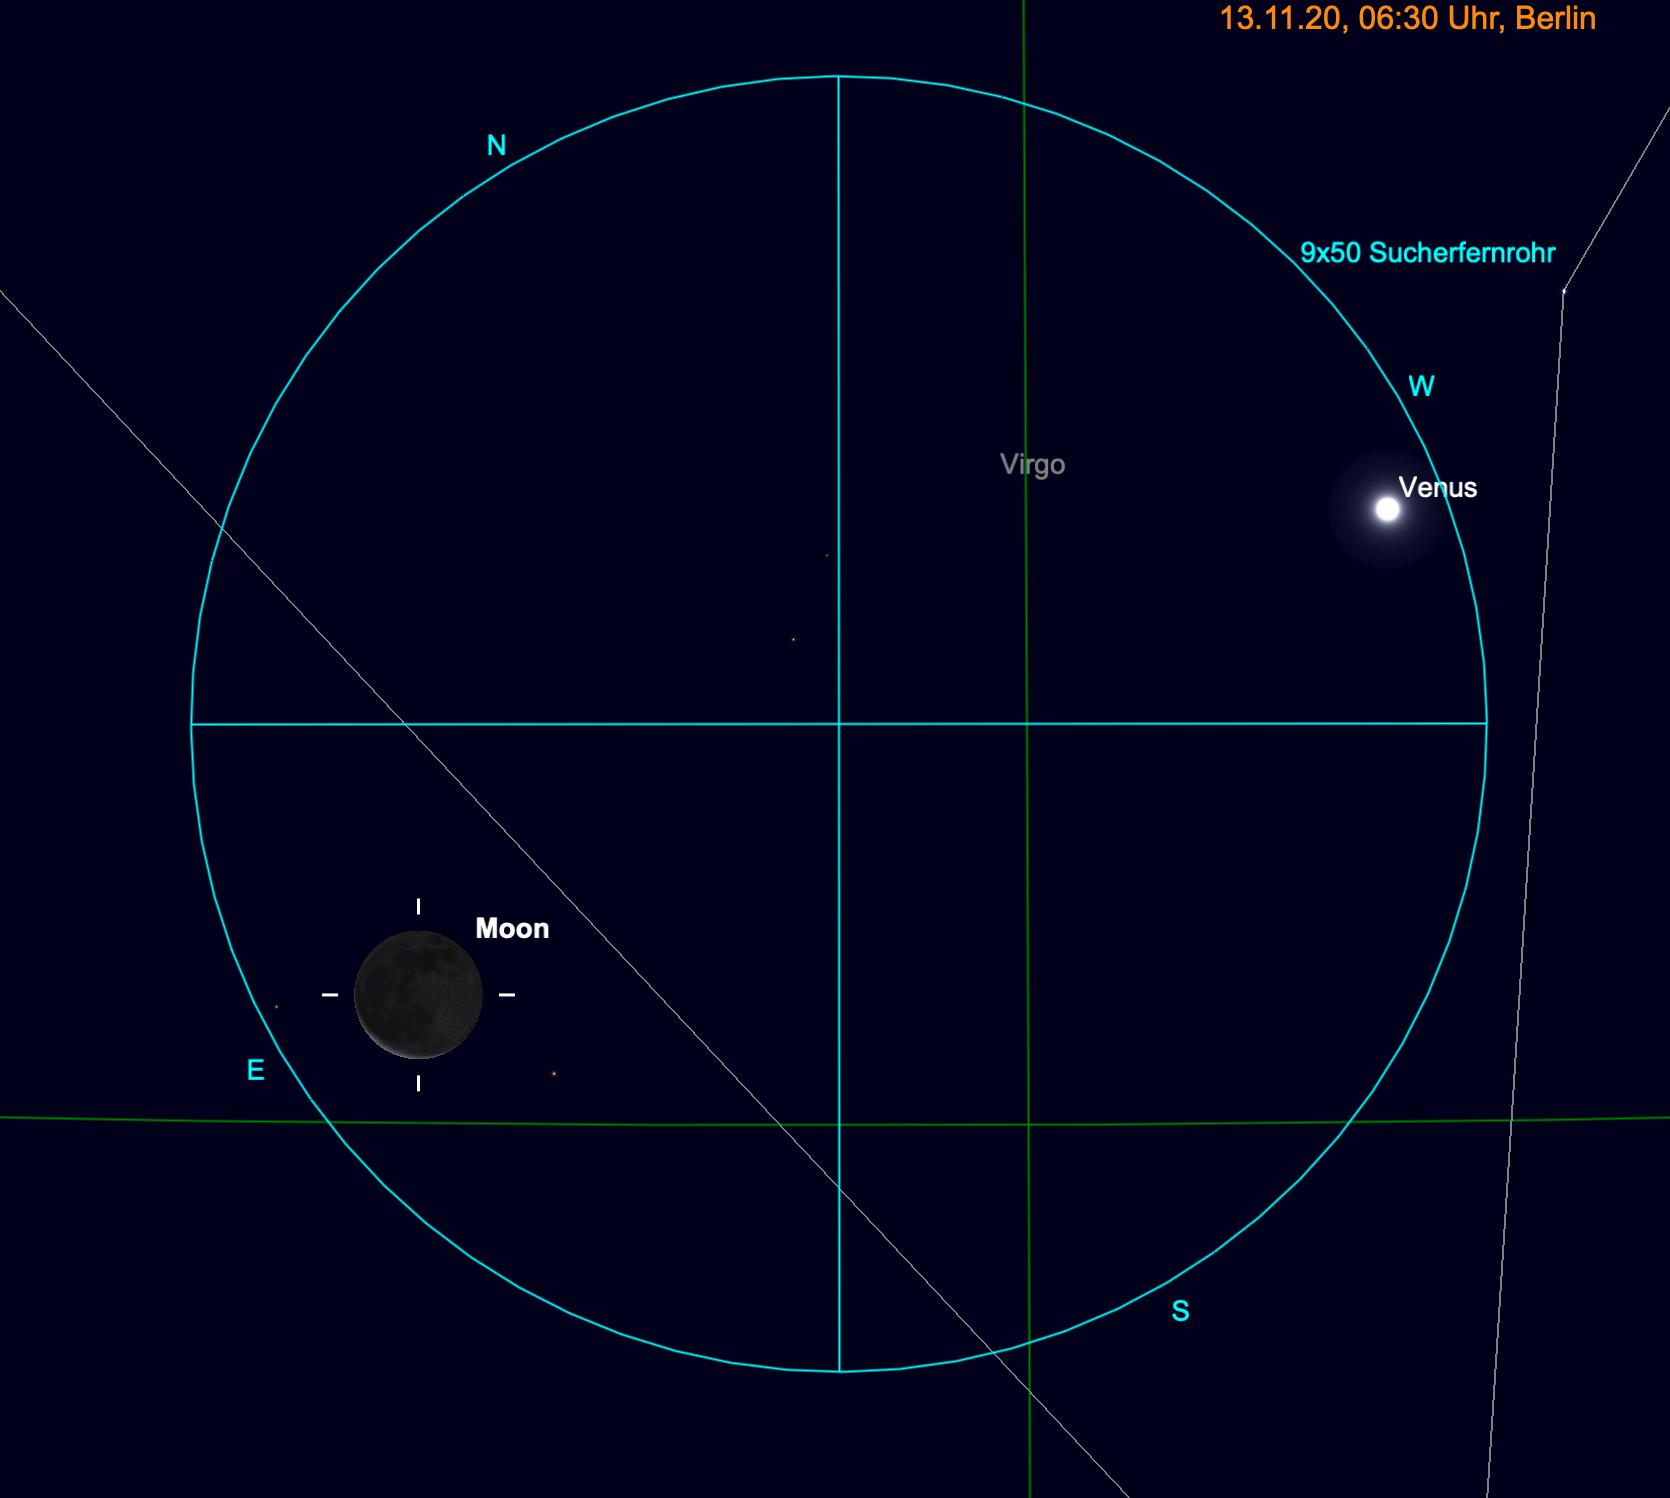 Mond und Venus im Fernglas